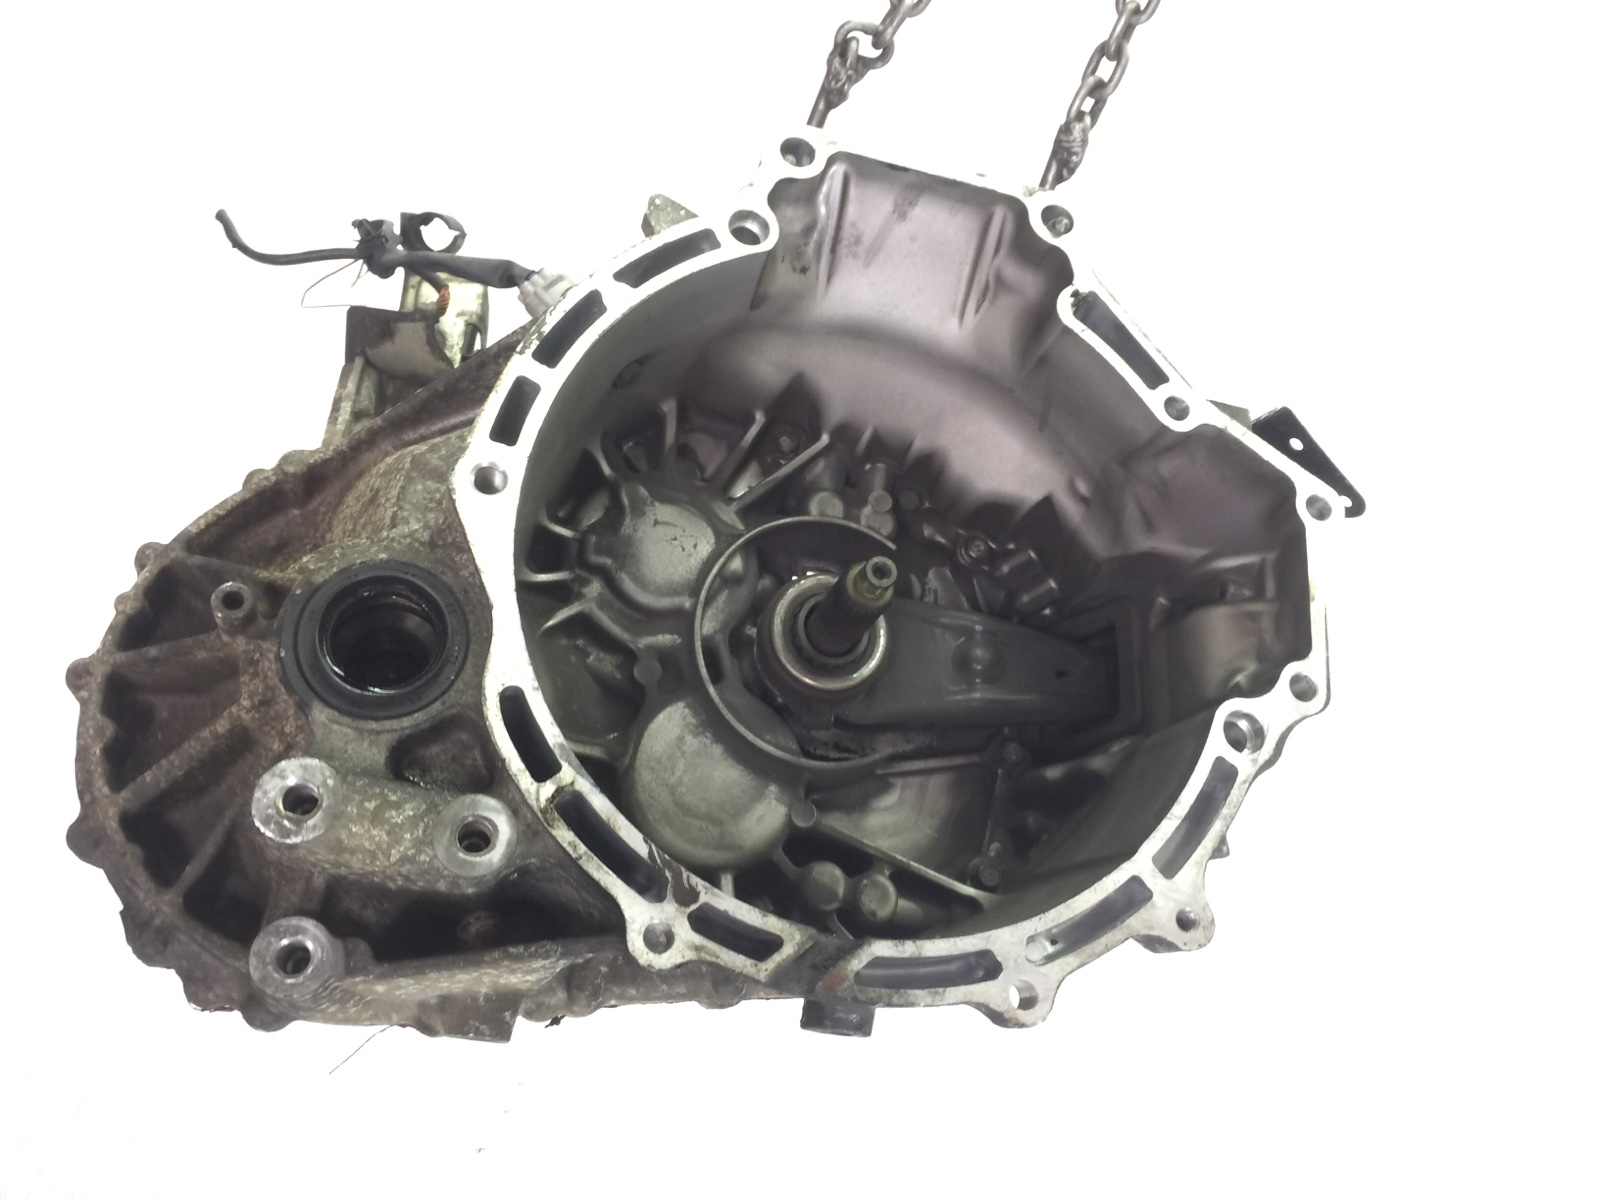 Кпп механическая (мкпп) Mazda 5 2.0 CDT 2007 (б/у)